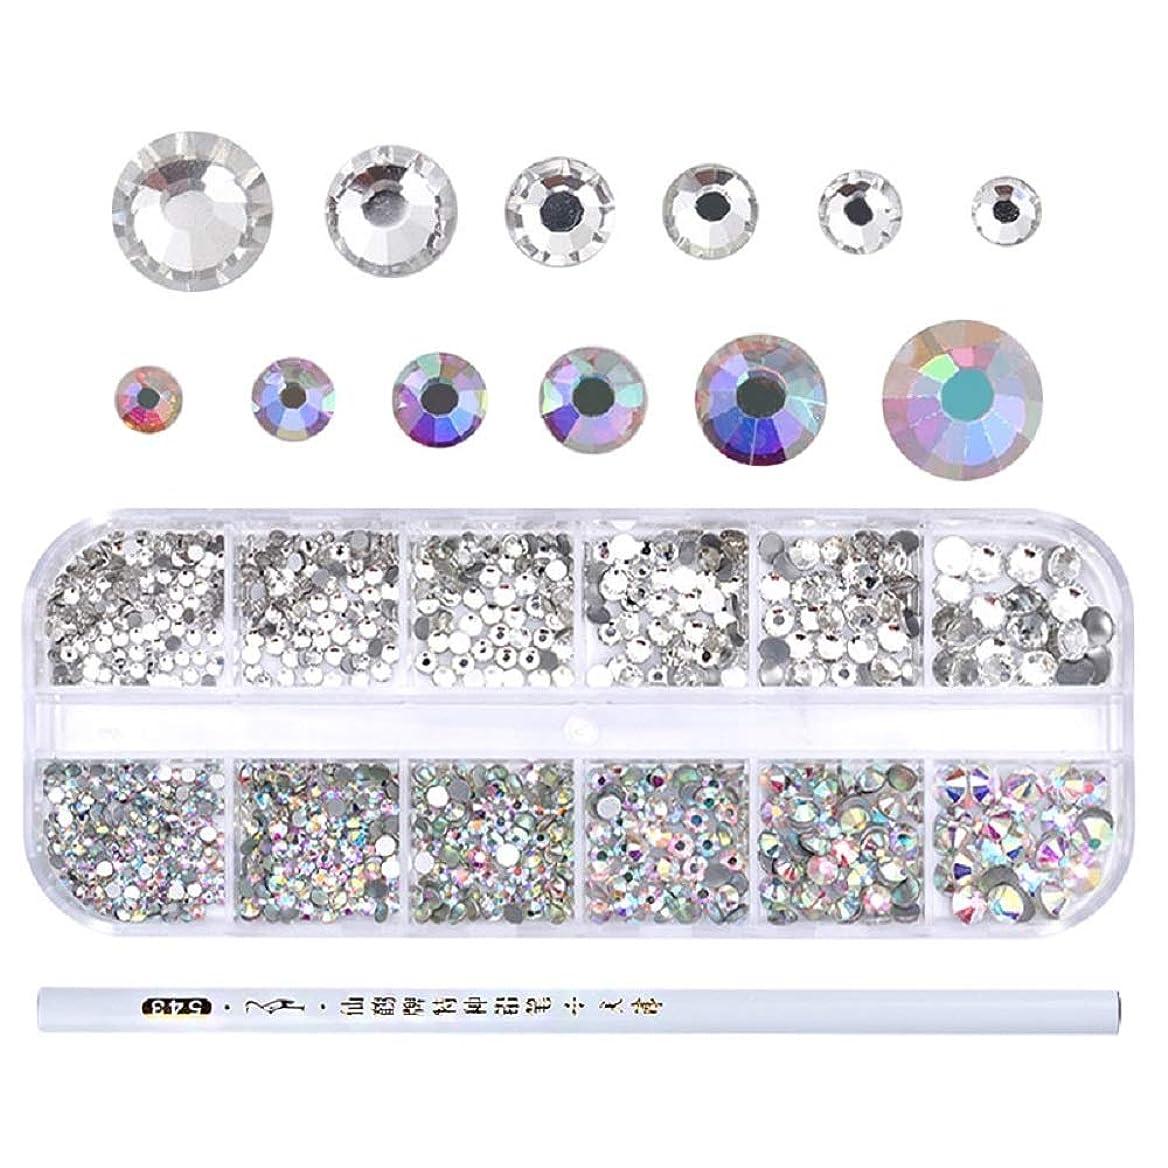 本土実験ムス1Box AB Color Nail Rhinestone with Dotting Pen Clear Flat Bottom Multi-size Crystals Manicure Nail Art 3D Decoration Strass Gem ABカラーネイルラインストーンとドットペンクリアフラットボトムマルチサイズクリスタルマニキュアネイルアート3Dデコレーションストラスガム